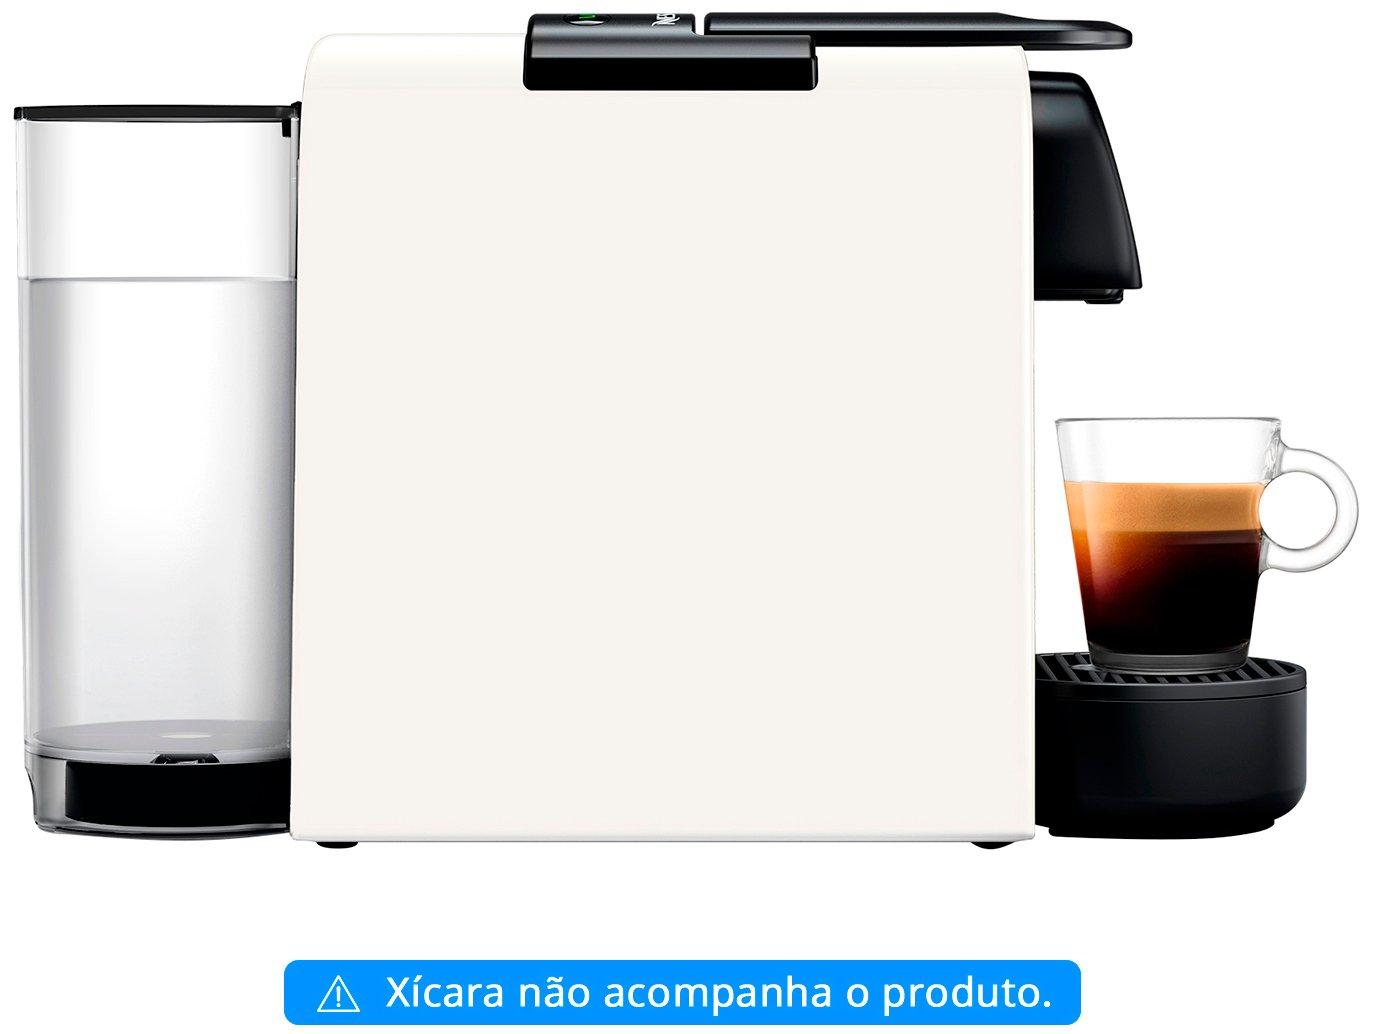 Cafeteira Expresso 19 Bar Nespresso Essenza Mini - Branca - 110 V - 4